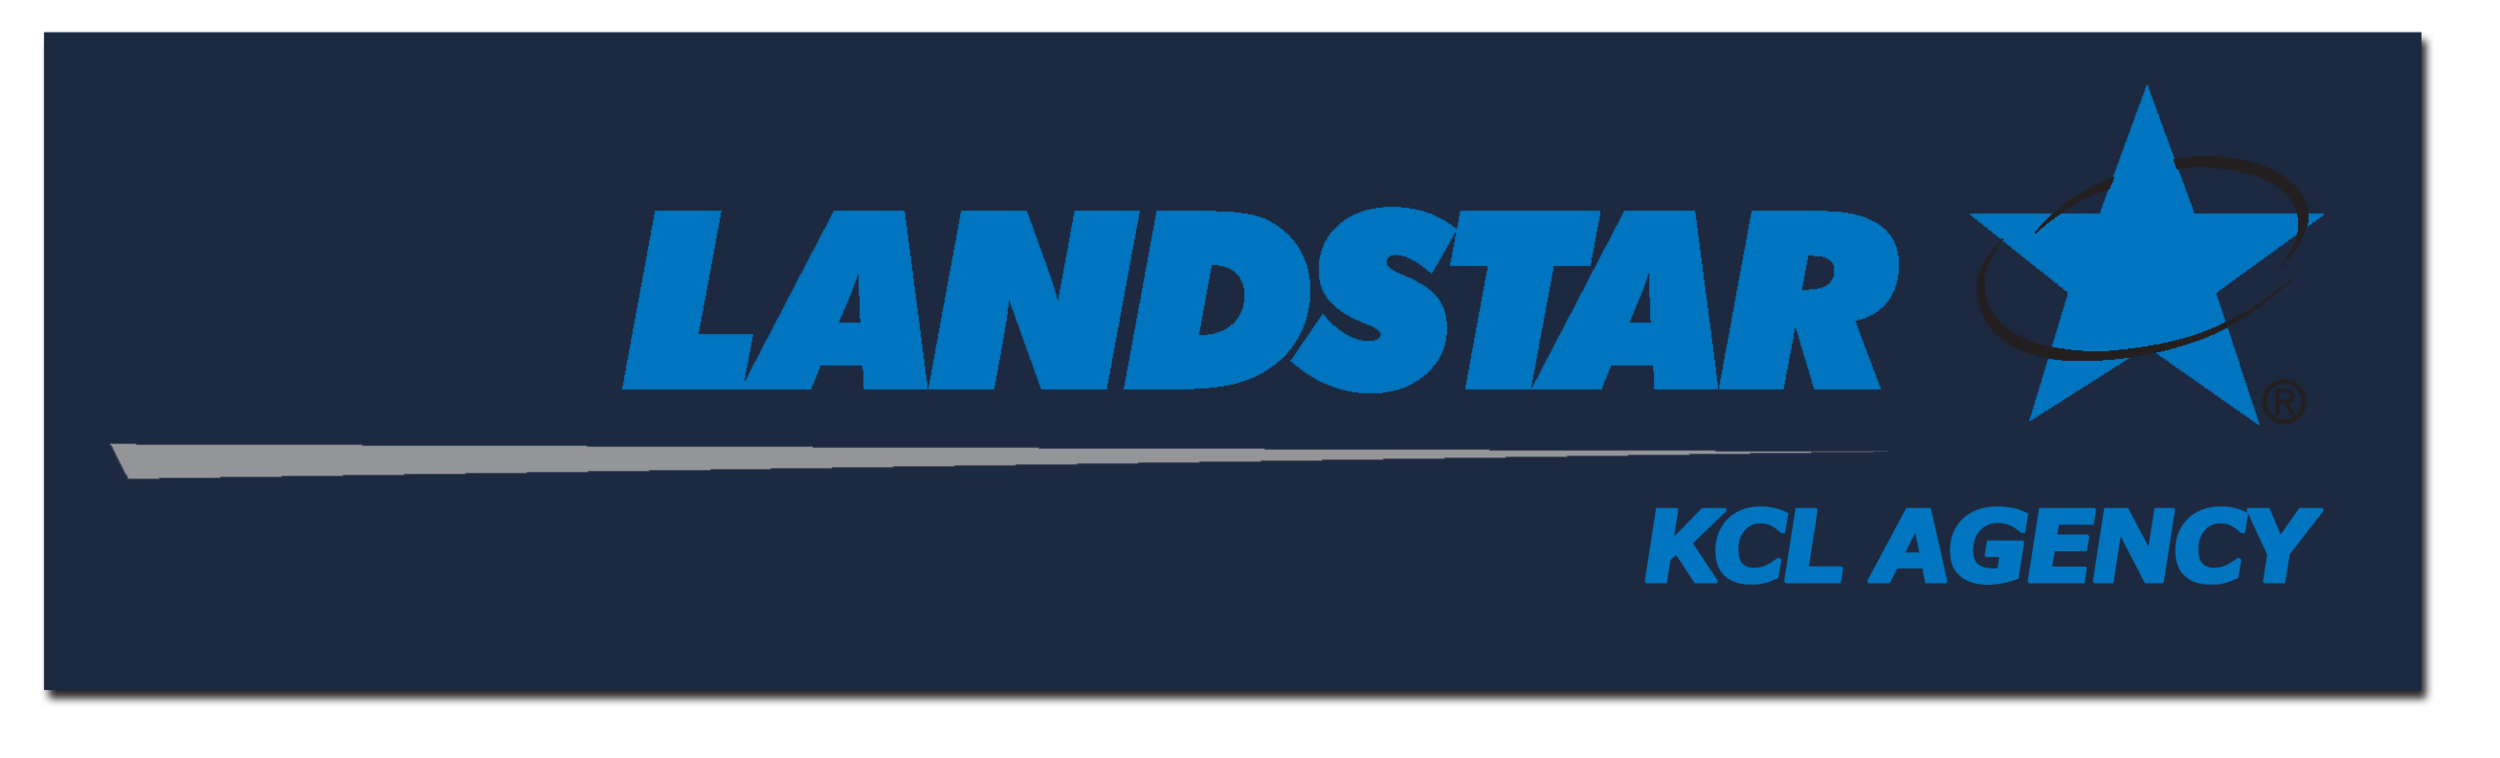 landstar-kcl-agency.png